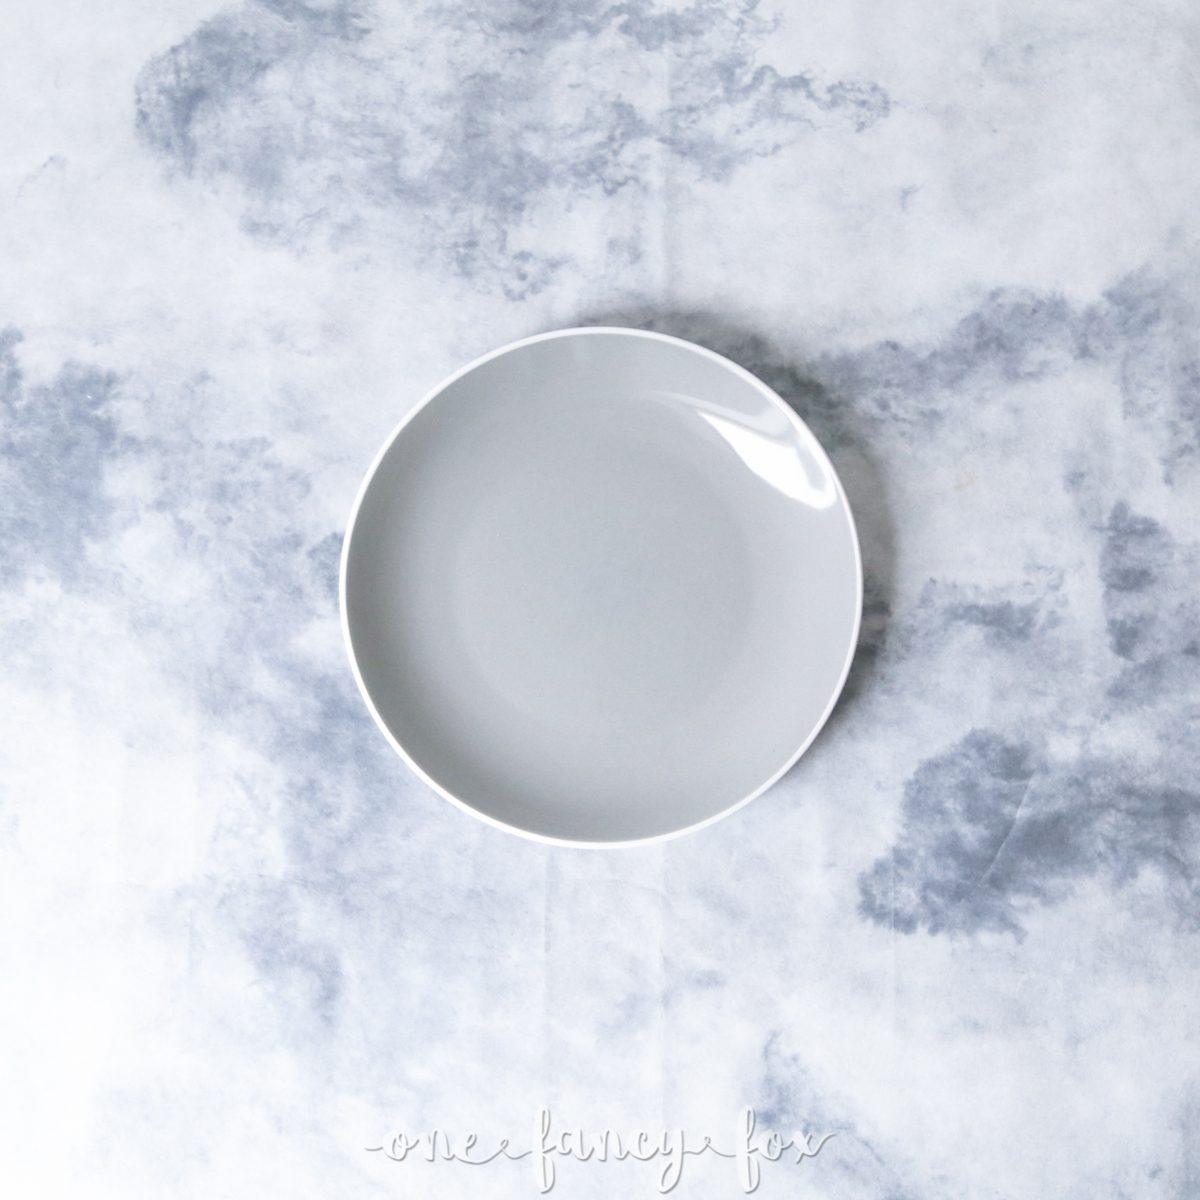 Grau Dessertteller mieten